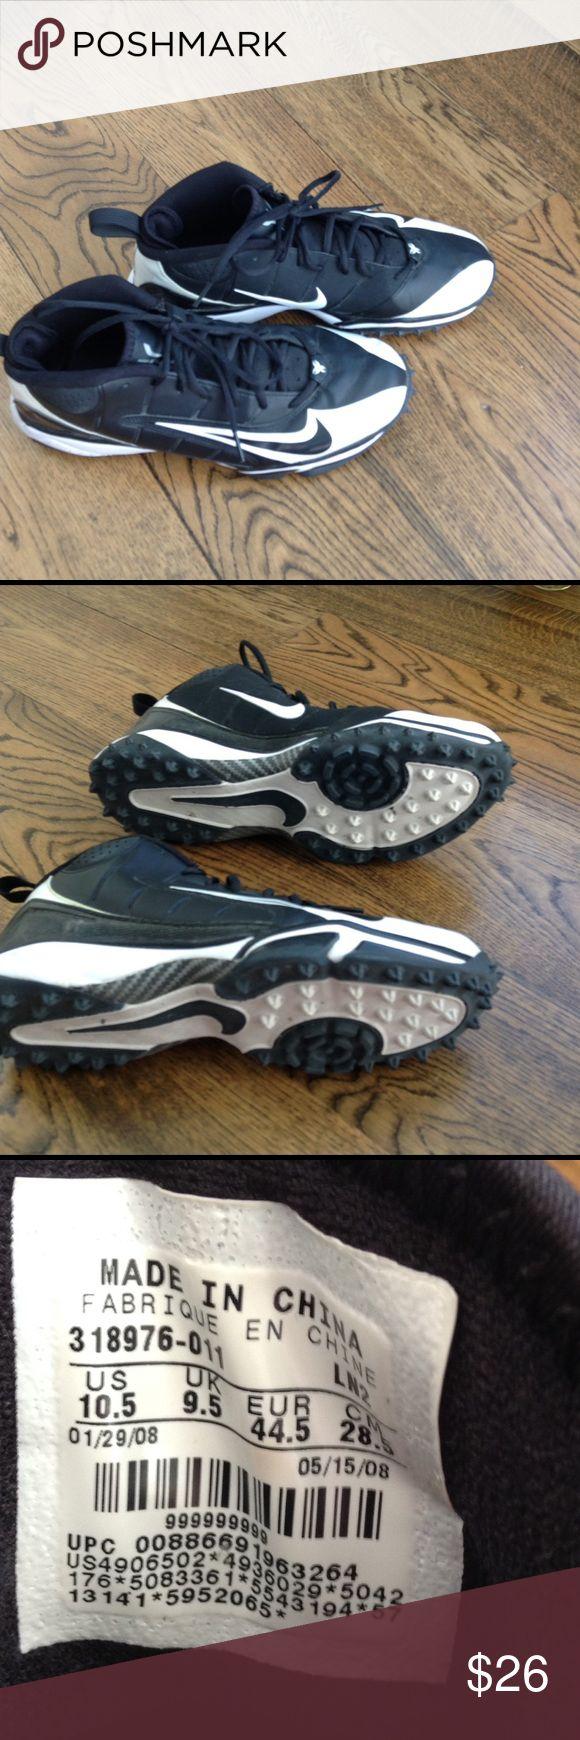 Men's Nike turf shoe size 10.5 like new Men's Nike speed turf shoe in like new condition Nike Shoes Athletic Shoes